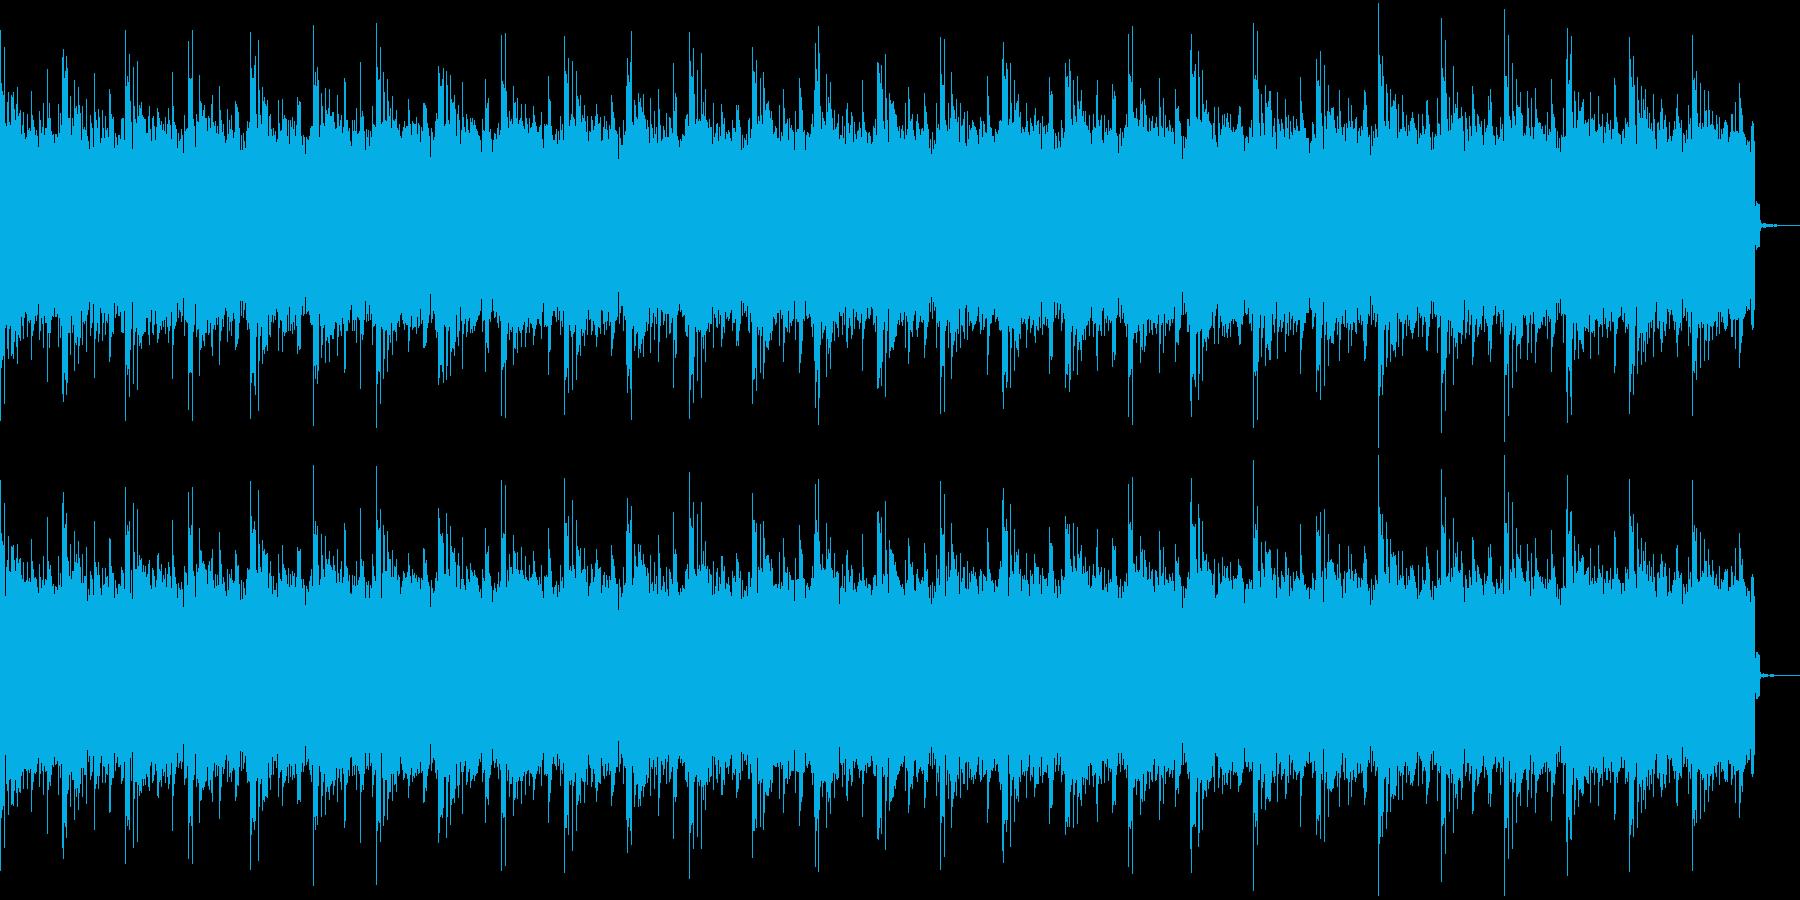 日常風景に合うBGMの再生済みの波形